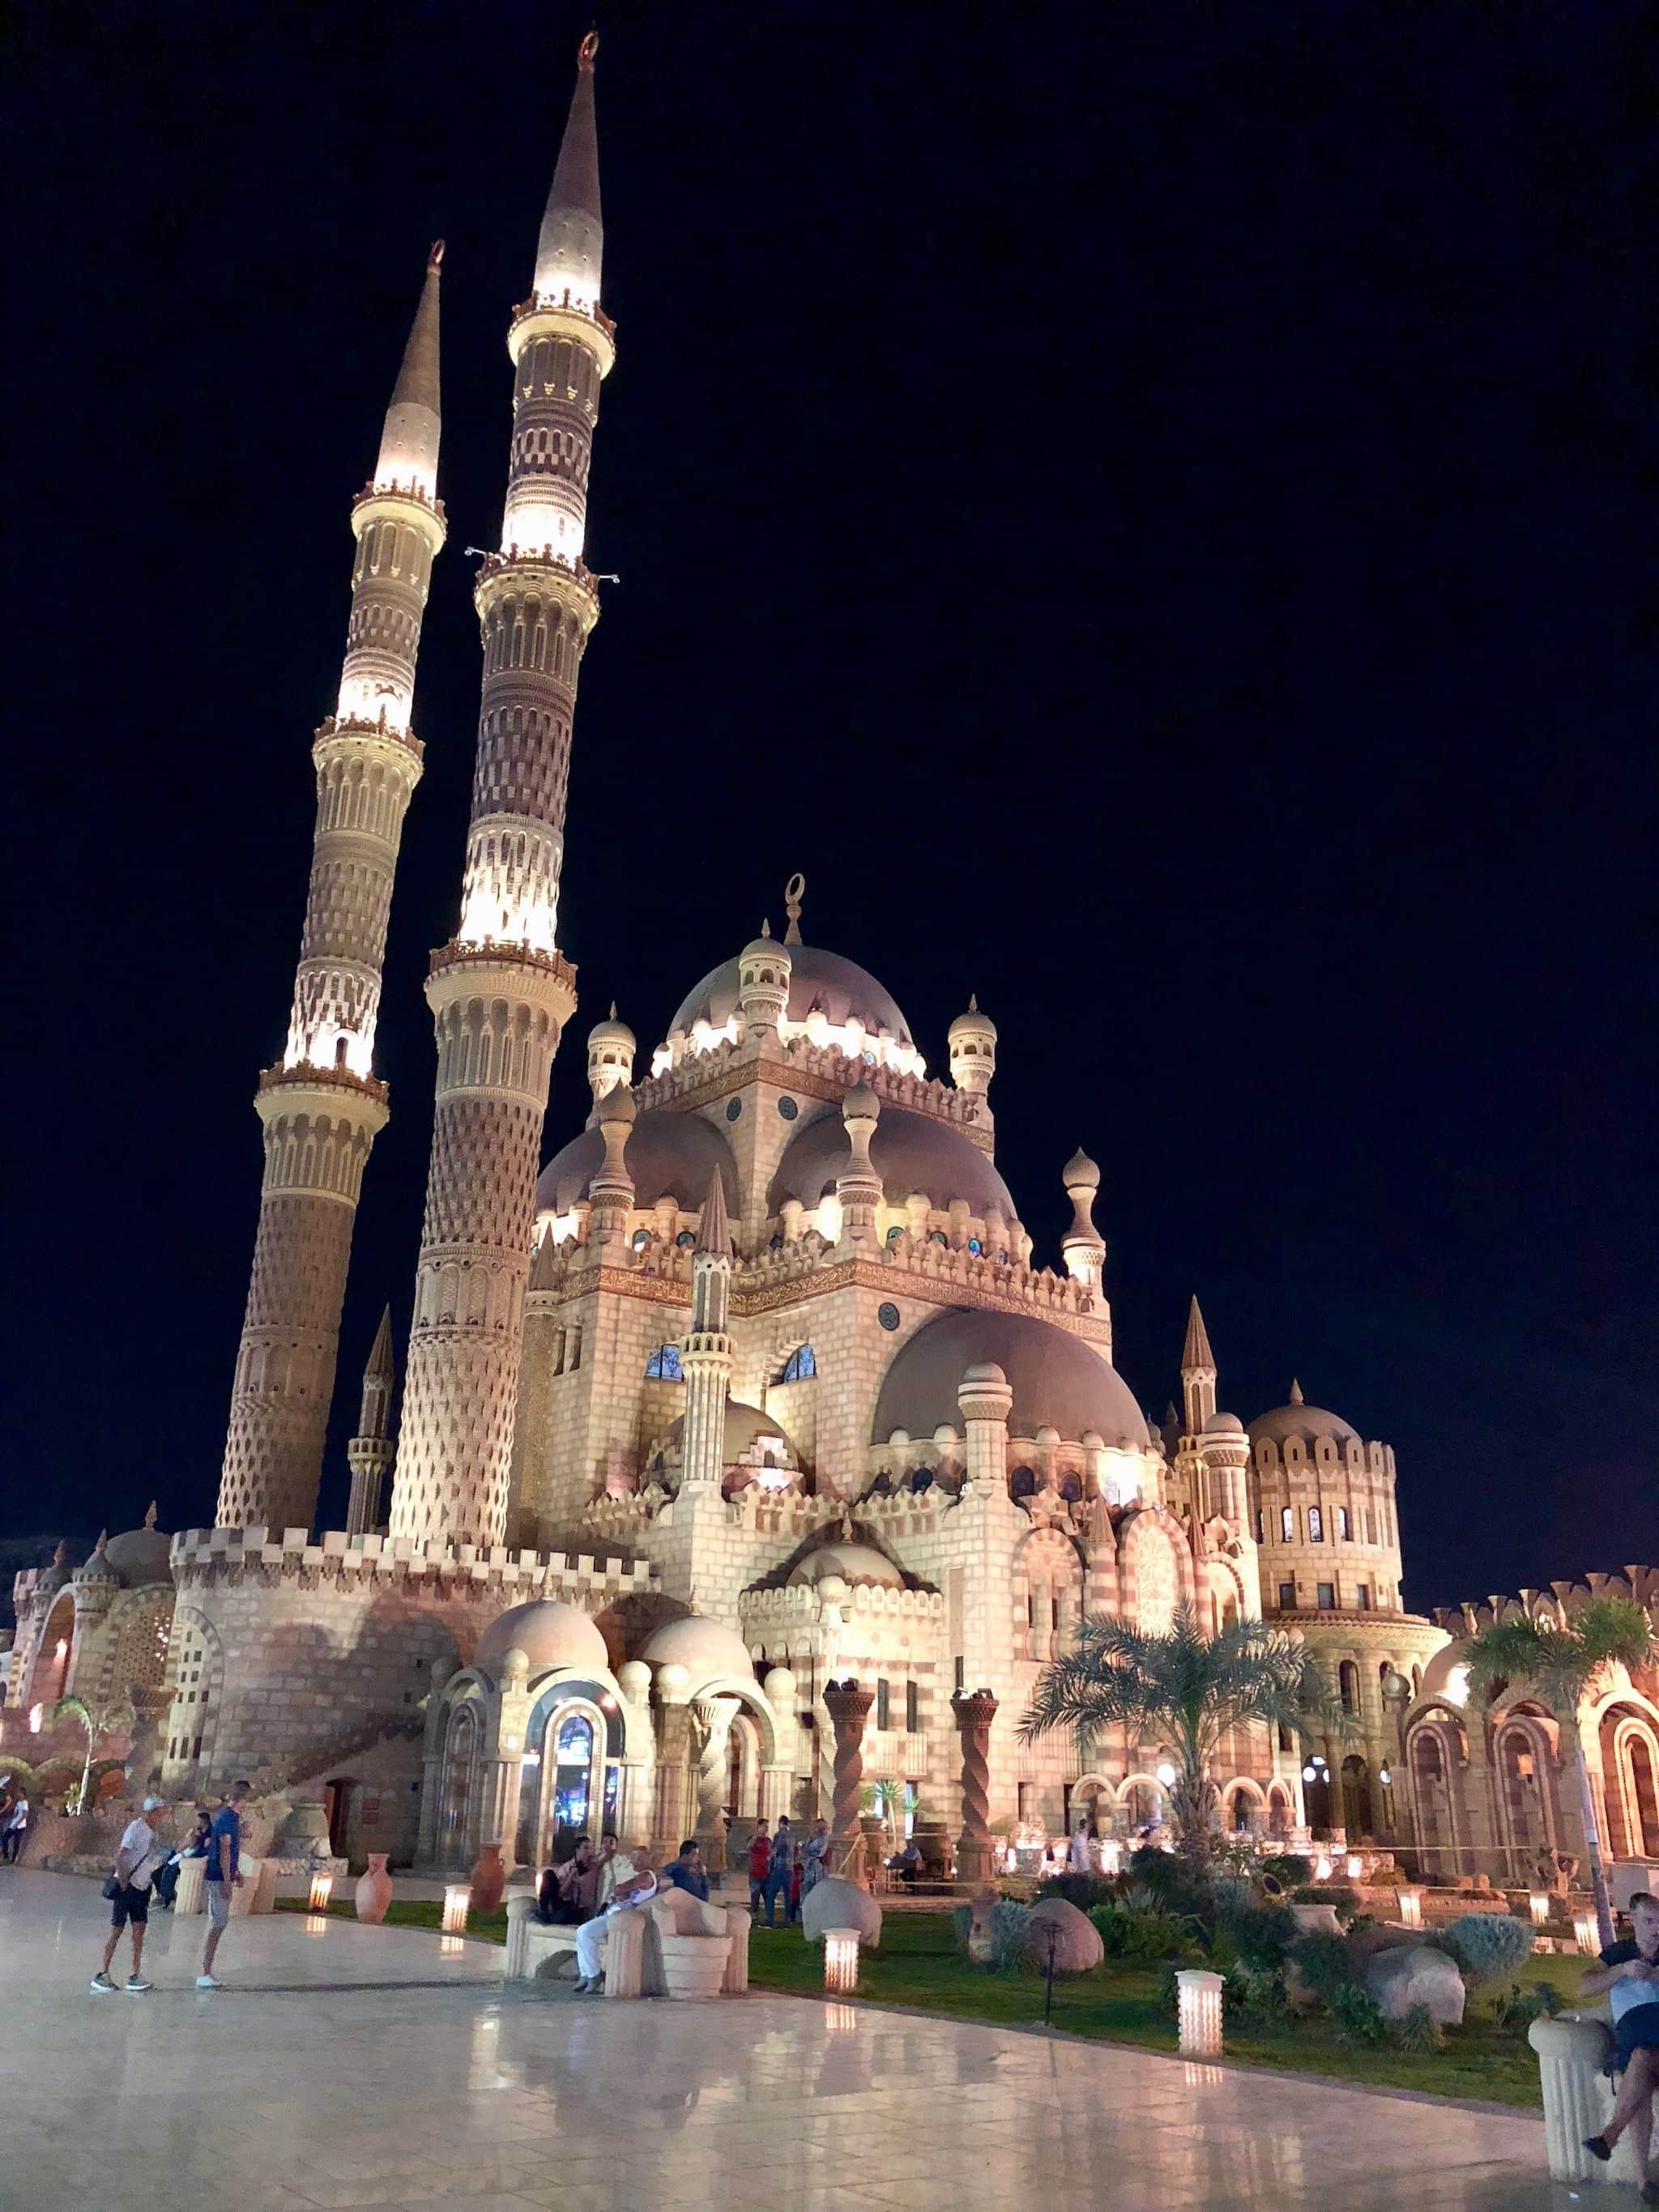 sharm el sheik reise urlaub tipps cleopatra luxury resort vip diving college tauchen IMG 6822 Reisebericht Sharm El Sheikh: Tipps zu Sehenswürdigkeiten und Aktivitäten